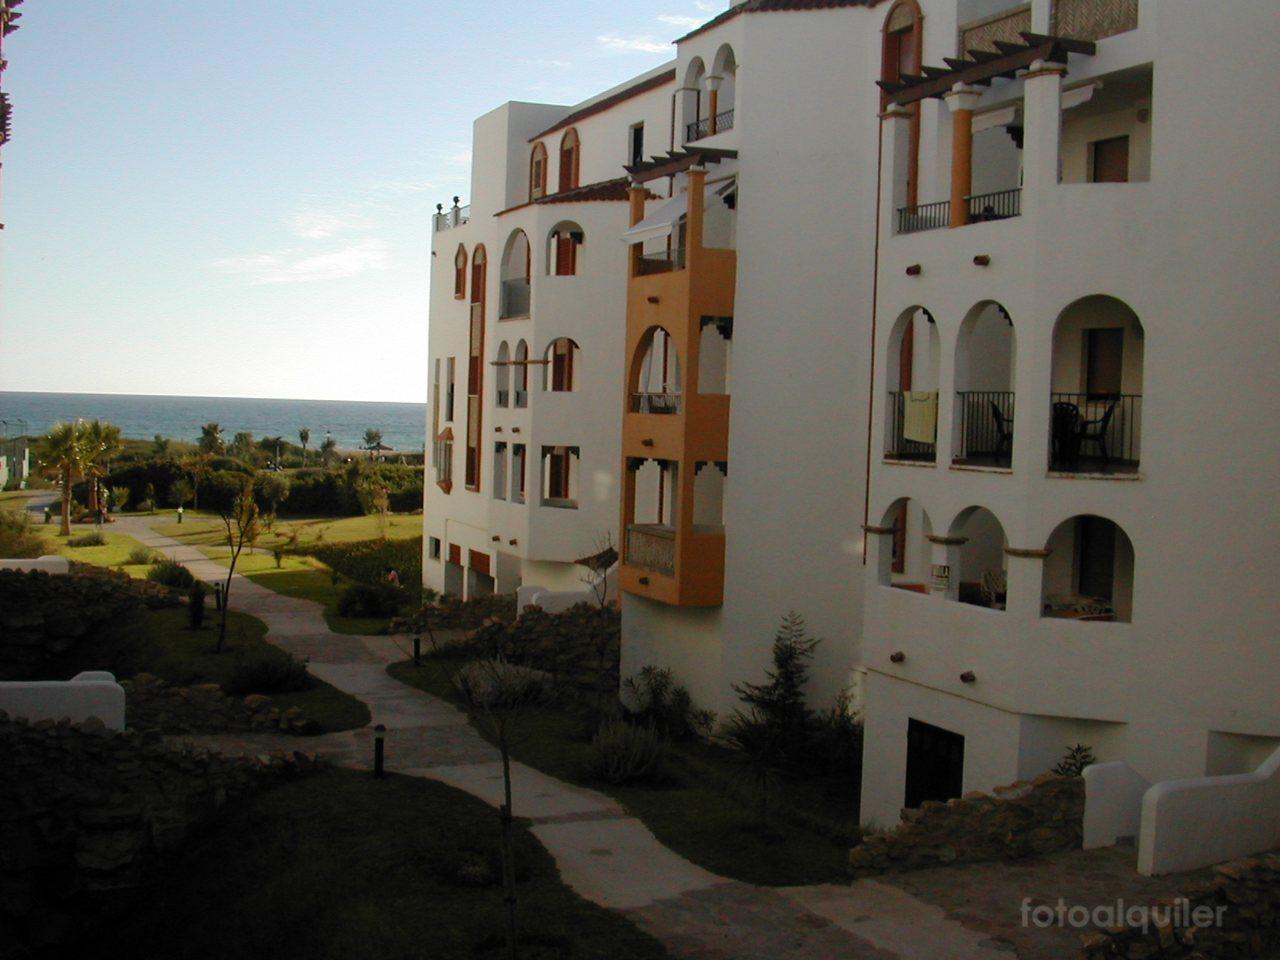 Apartamento de alquiler en primera línea en Atlanterra Costa, Zahara